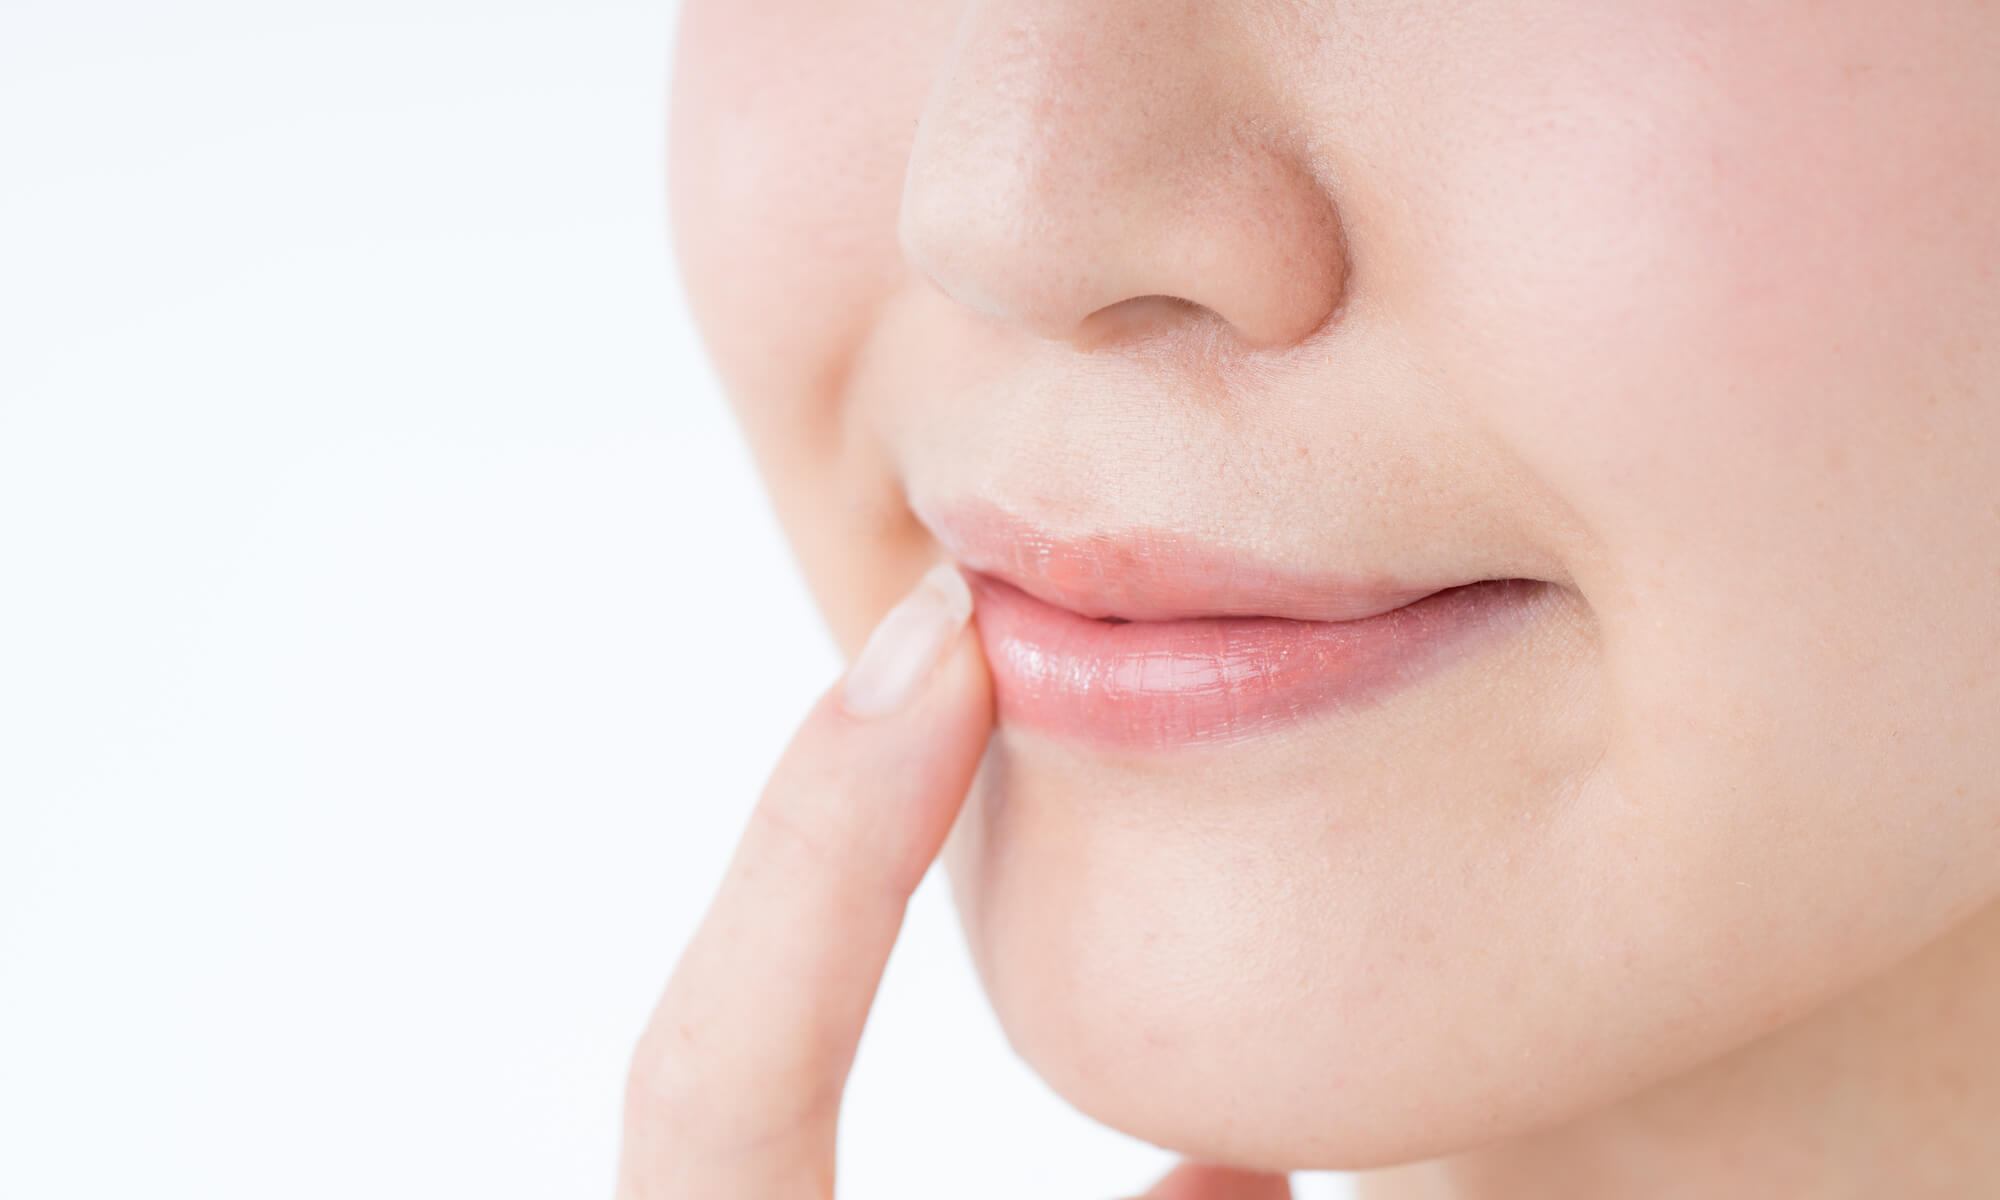 舌癖 トレーニング 方法